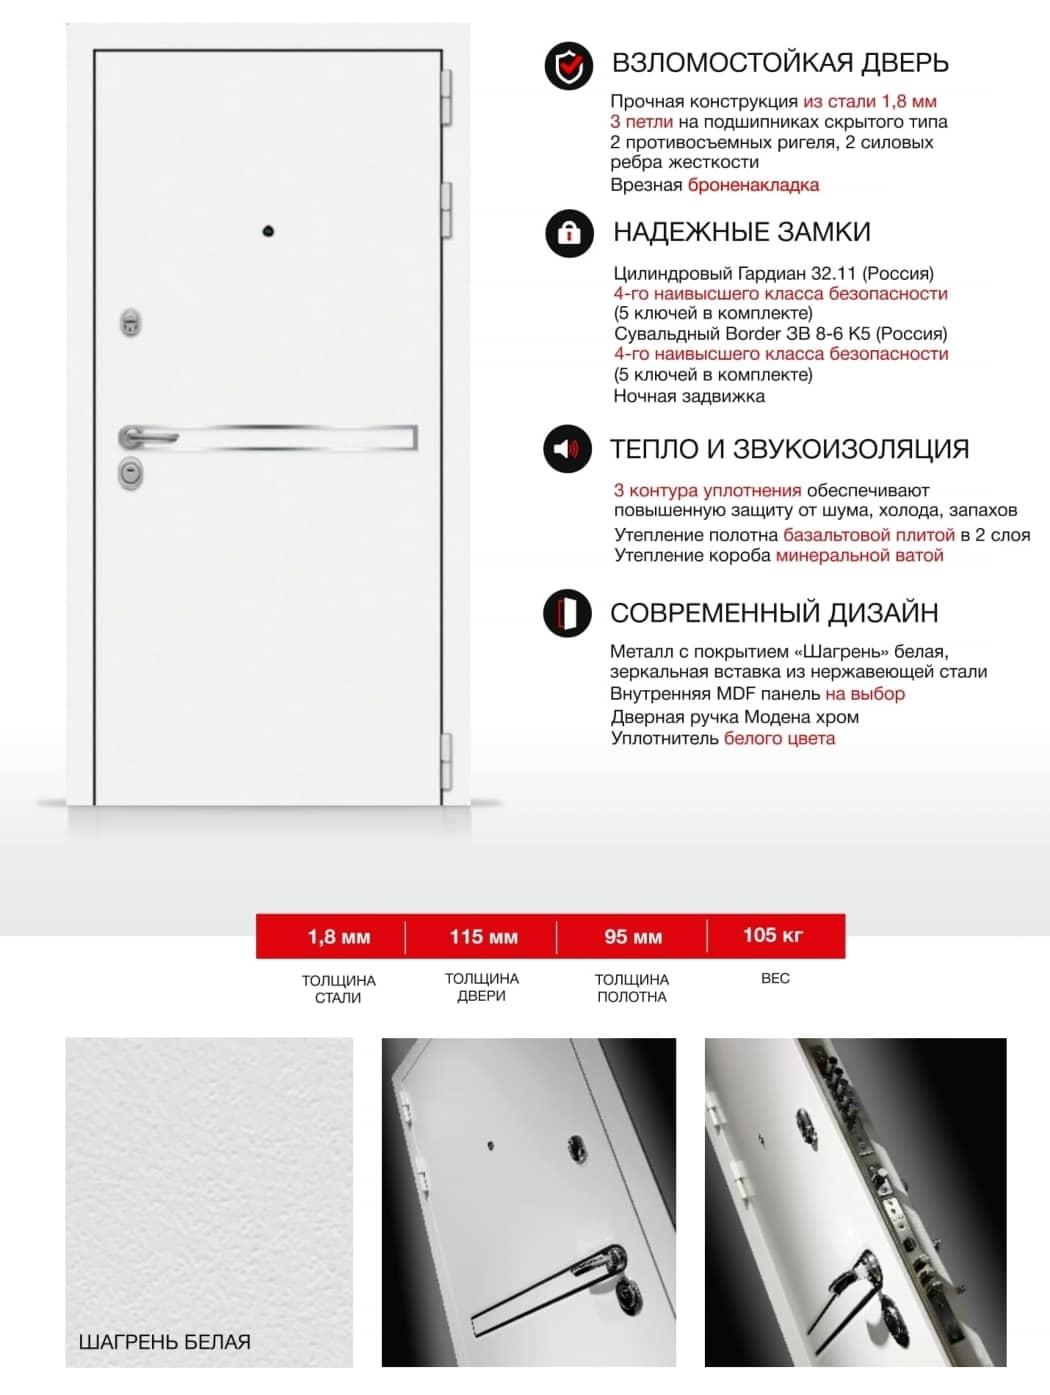 входные двери в квартиру белые, белая входная дверь с зеркалом, входная дверь белая внутри, входная дверь белого цвета, входная дверь белая снаружи, дверь входная line white